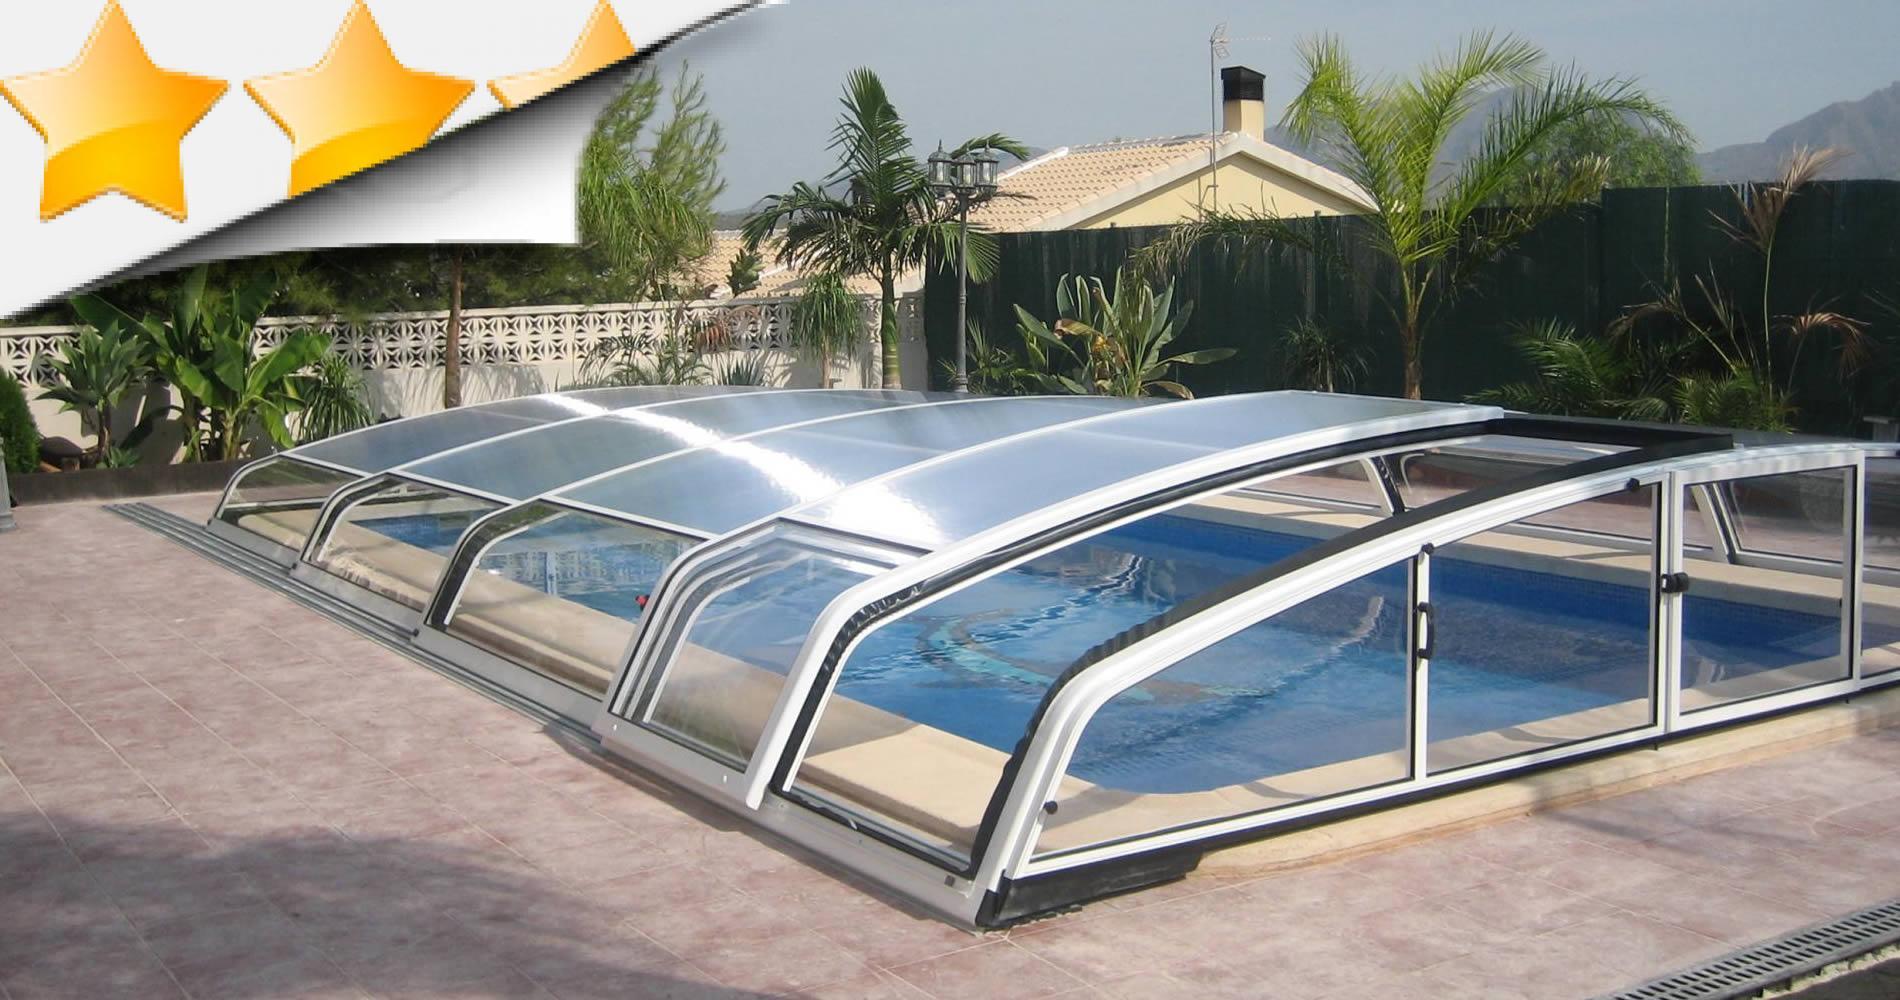 abri piscine bois lamell coll best en aluminium votre abri de spa with abri piscine bois lamell. Black Bedroom Furniture Sets. Home Design Ideas